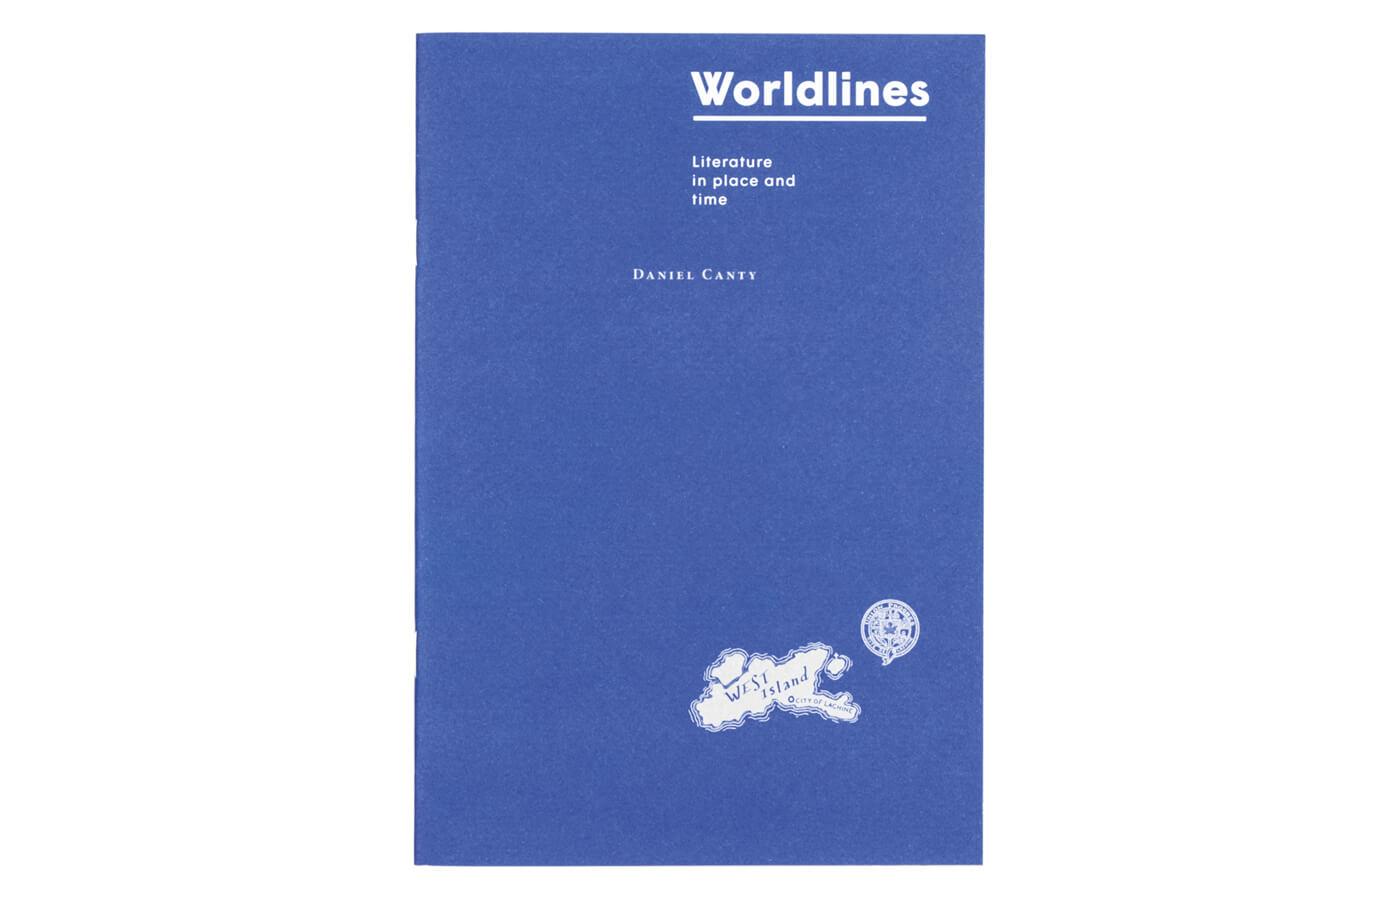 Worldlines